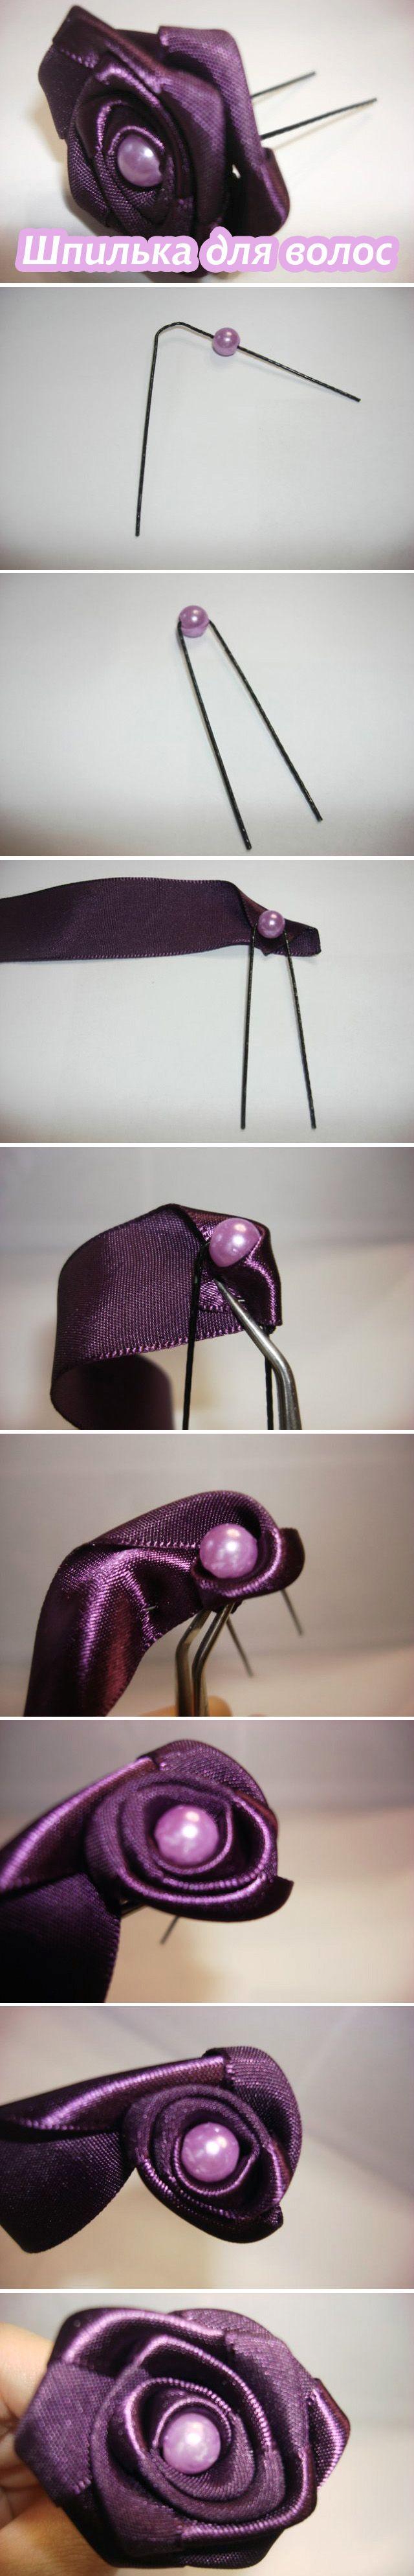 Простой способ сделать красивую шпильку для украшения прически / Beautiful Hair Pin DIY